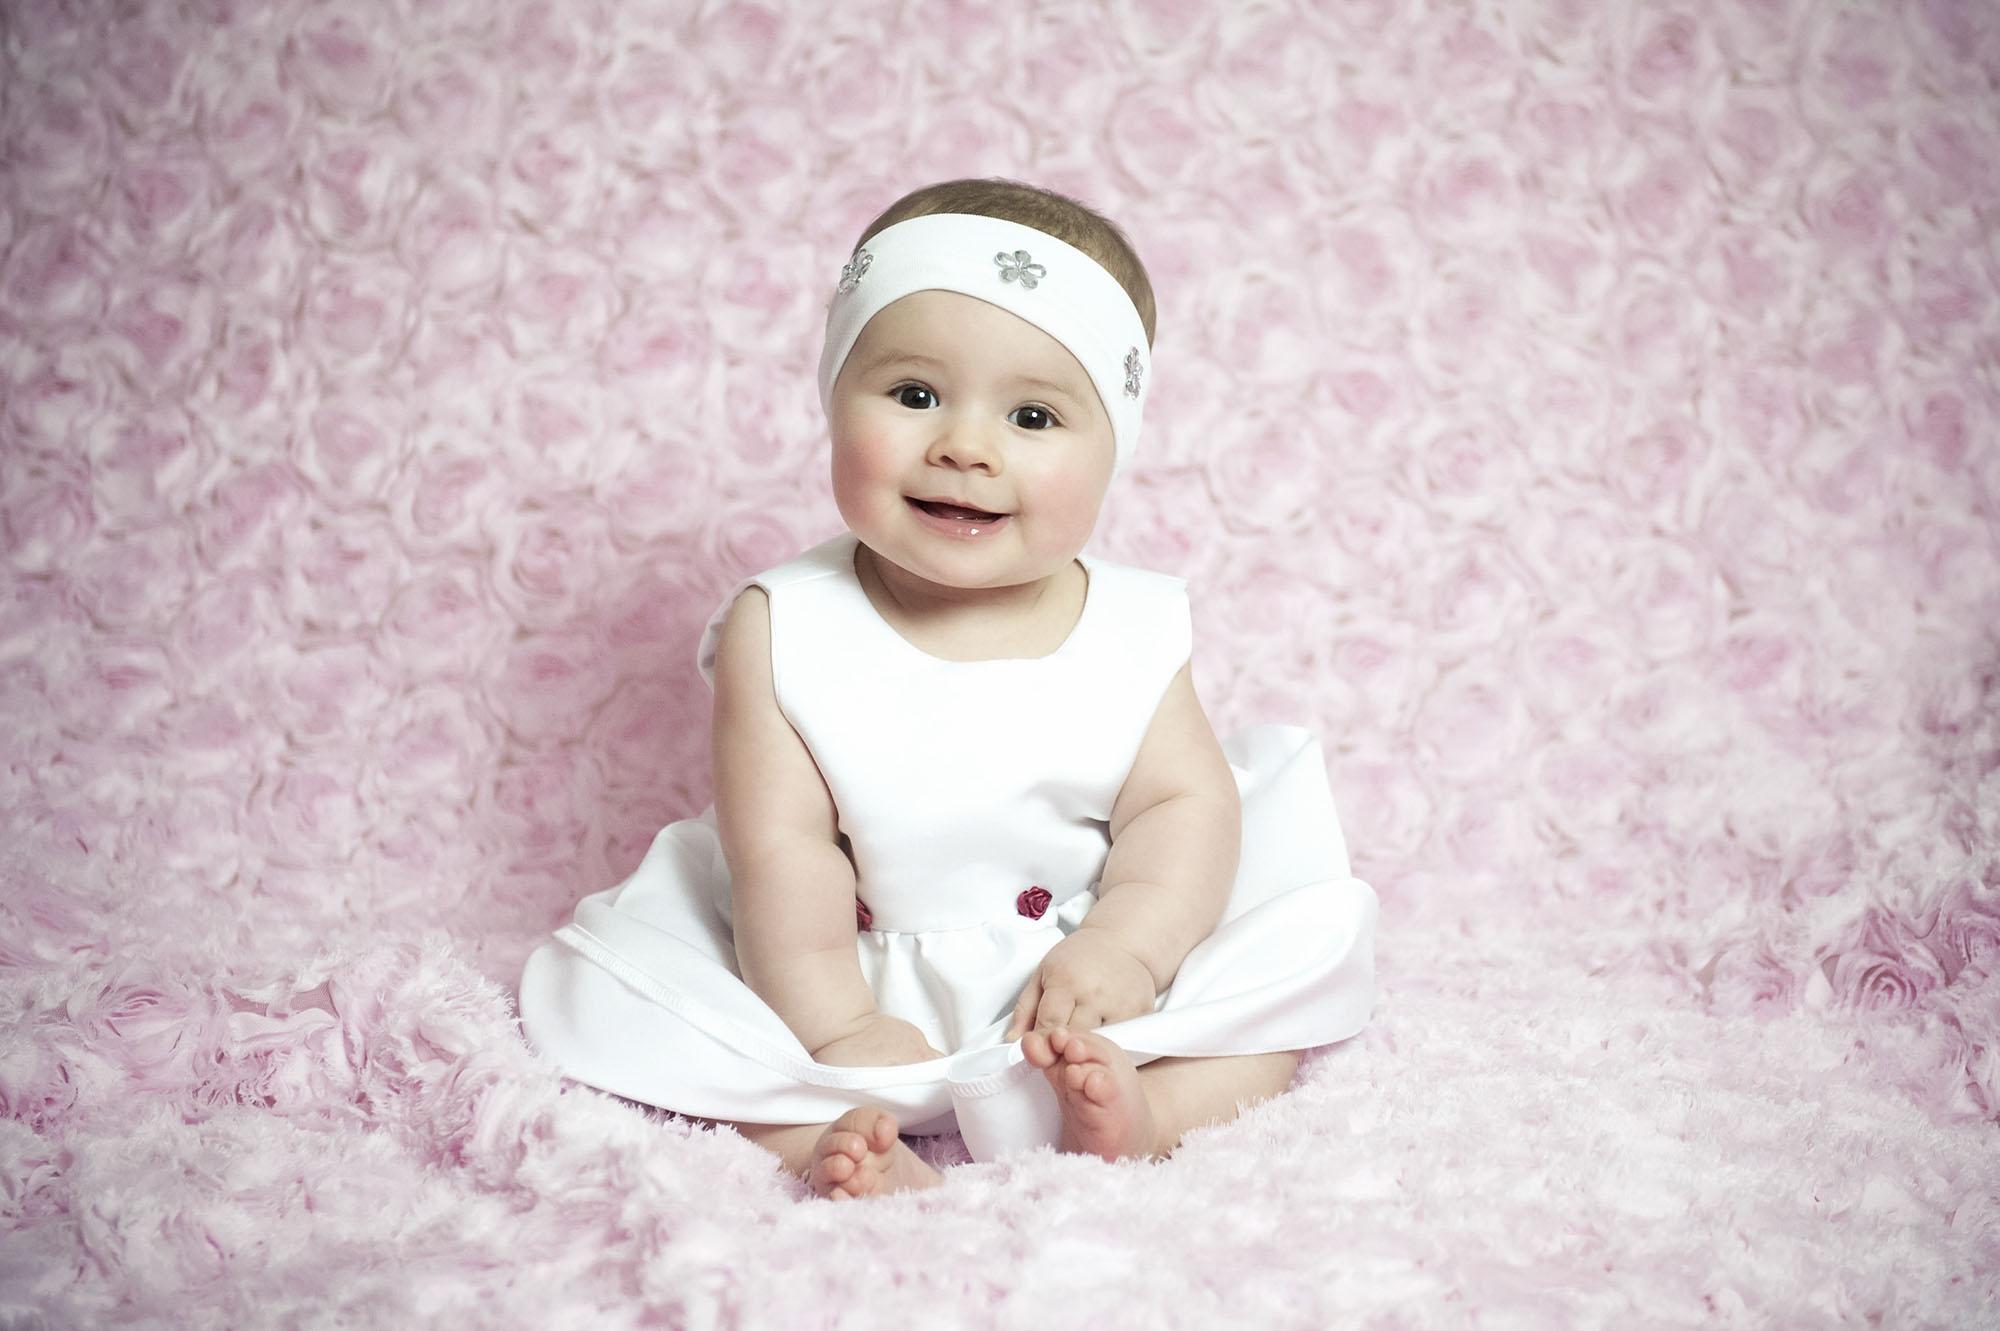 Geschlossene Faust im Alter von 6 Monaten